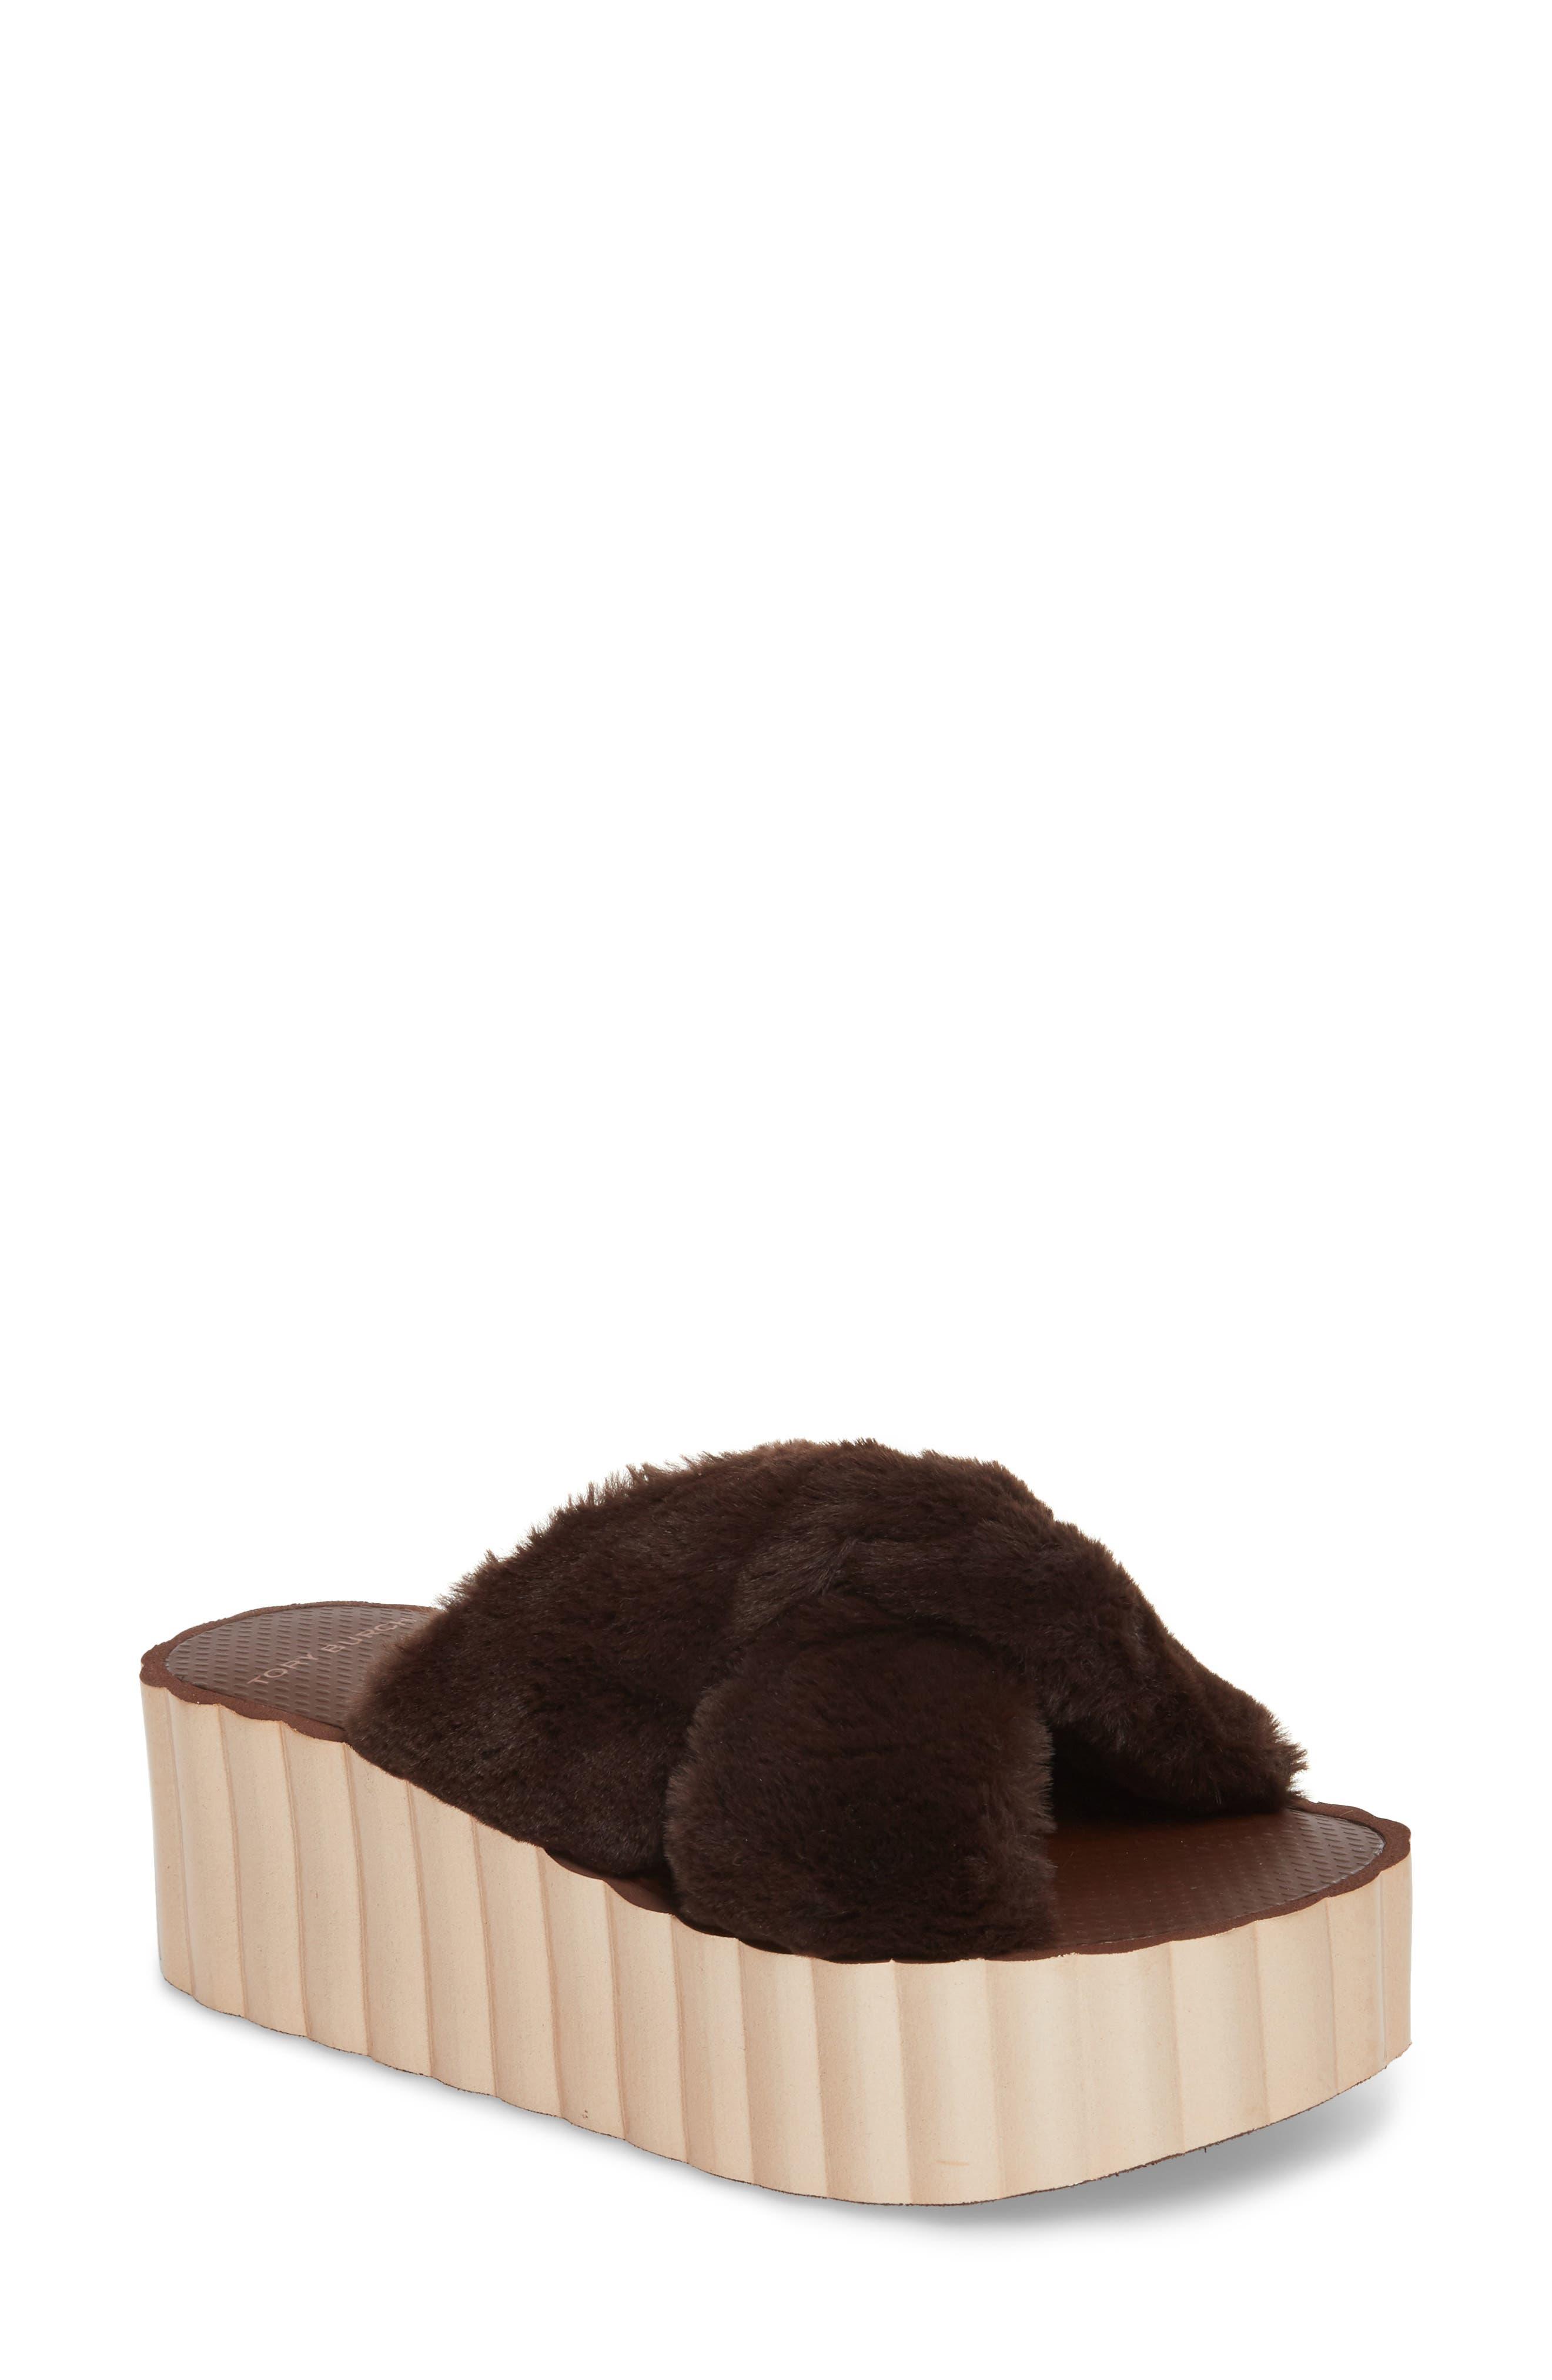 TORY BURCH,                             Faux Fur Scallop Platform Slide Sandal,                             Main thumbnail 1, color,                             207